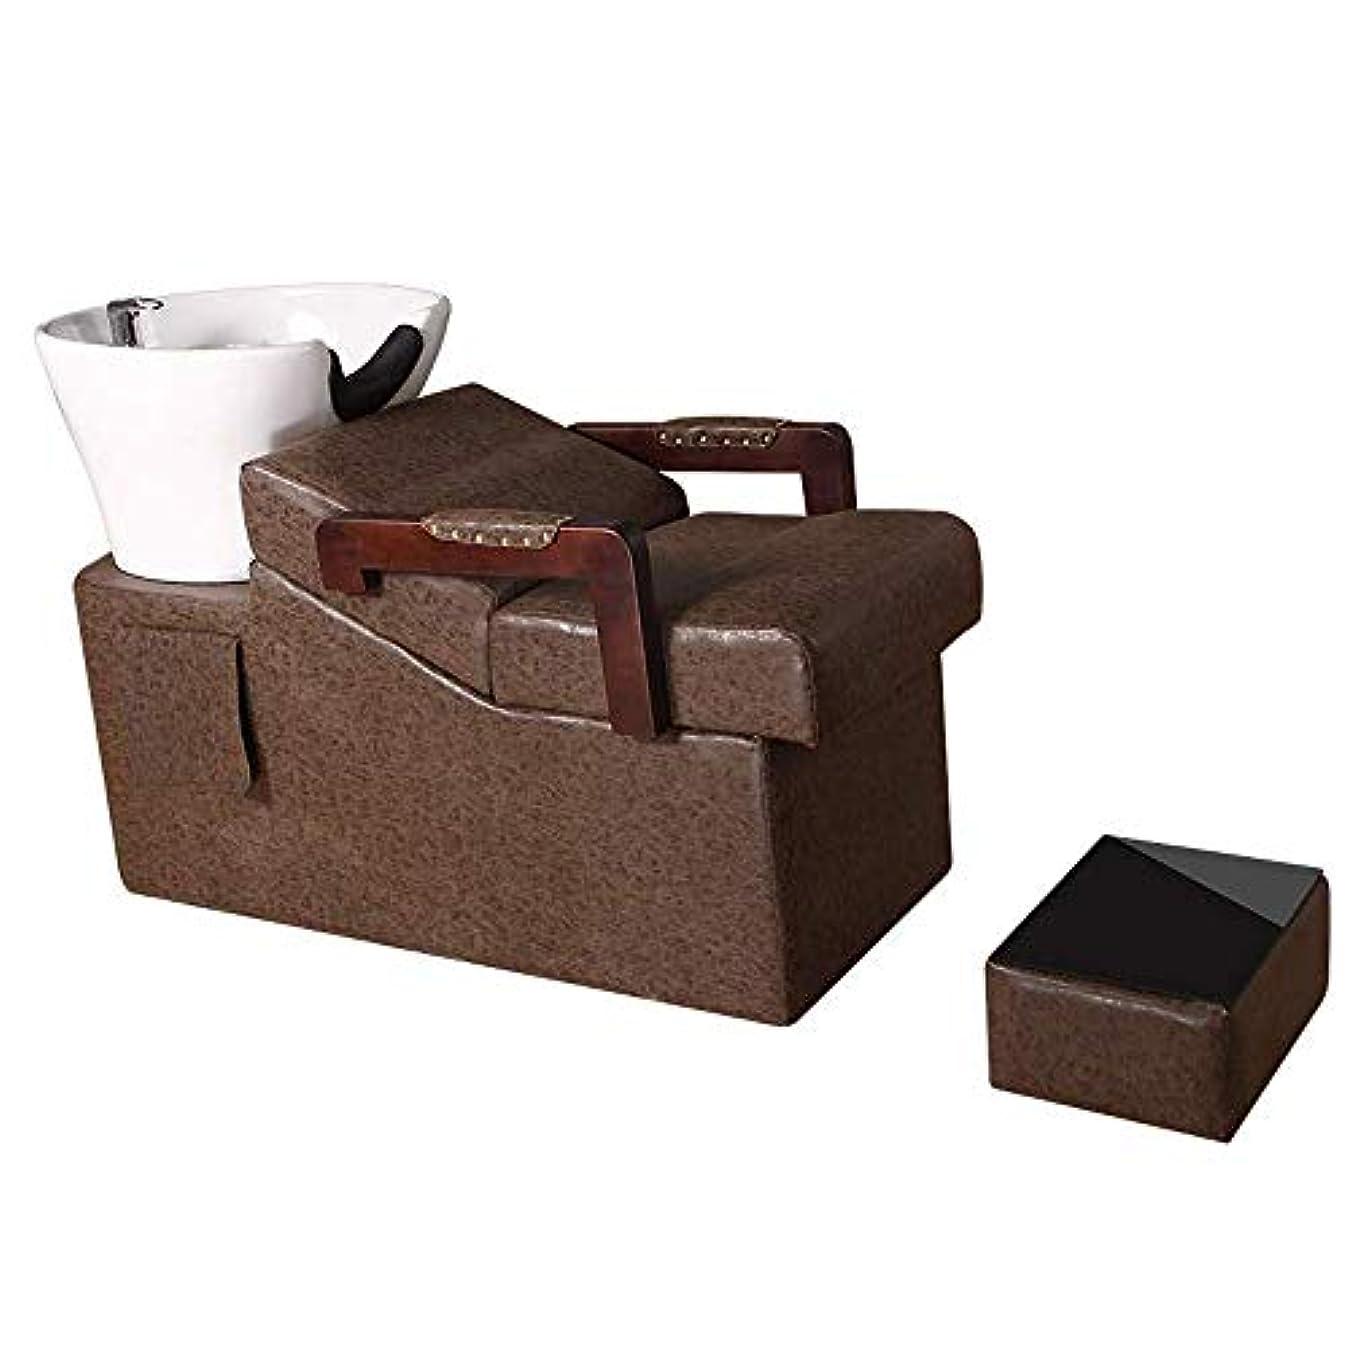 ポスターしみ取り除くシャンプーバーバー逆洗椅子、スパビューティーサロン装置特殊シャンプーベッドのための逆洗ユニットシャンプーボウル理髪シンクチェア